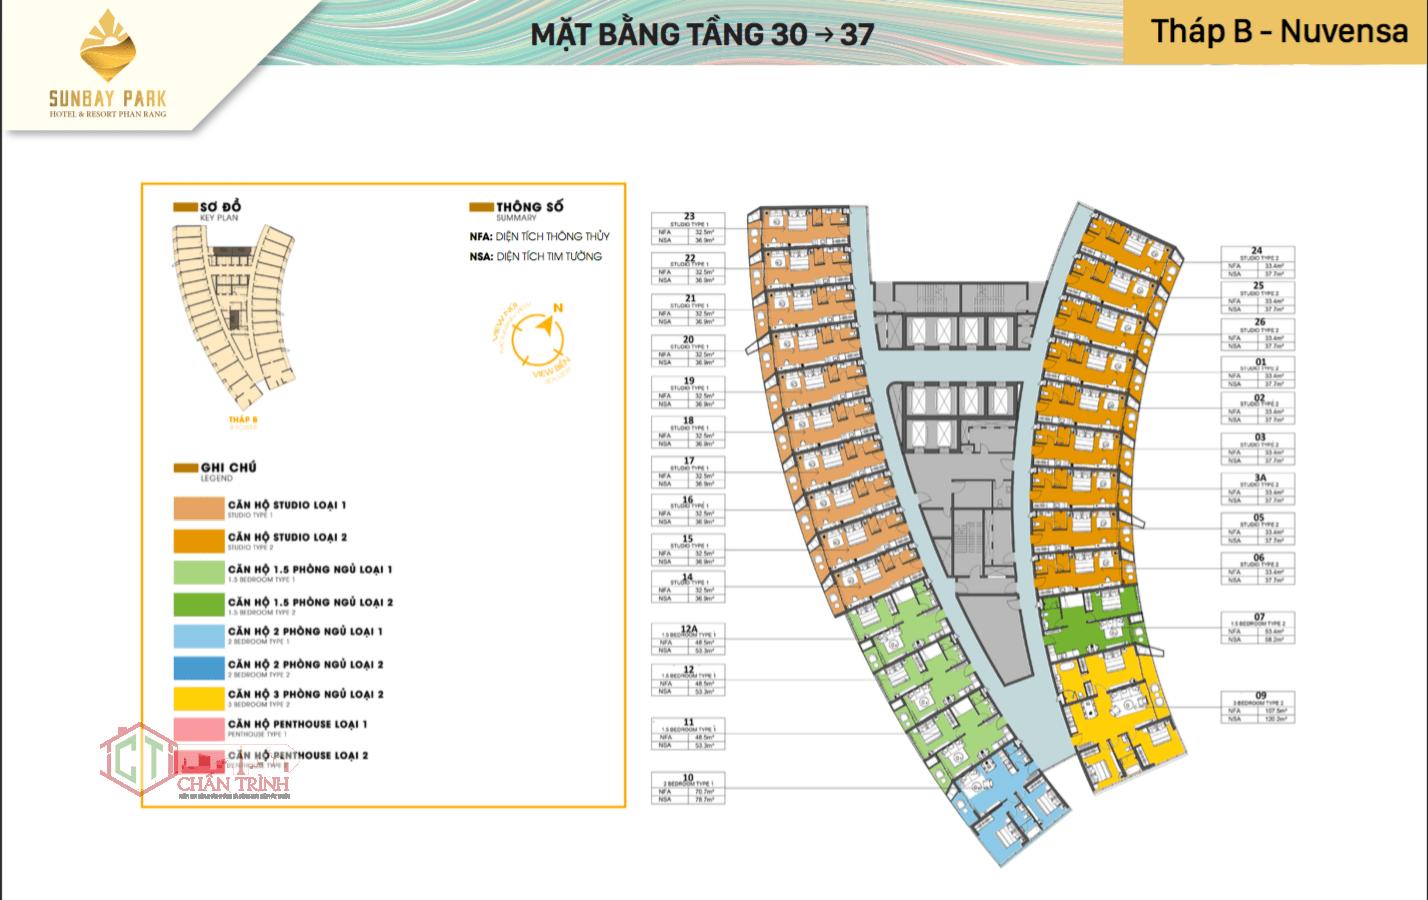 Thiết kế MB căn hộ Sunbay Park tháp B Nuvensa tầng 30 đến tầng 37